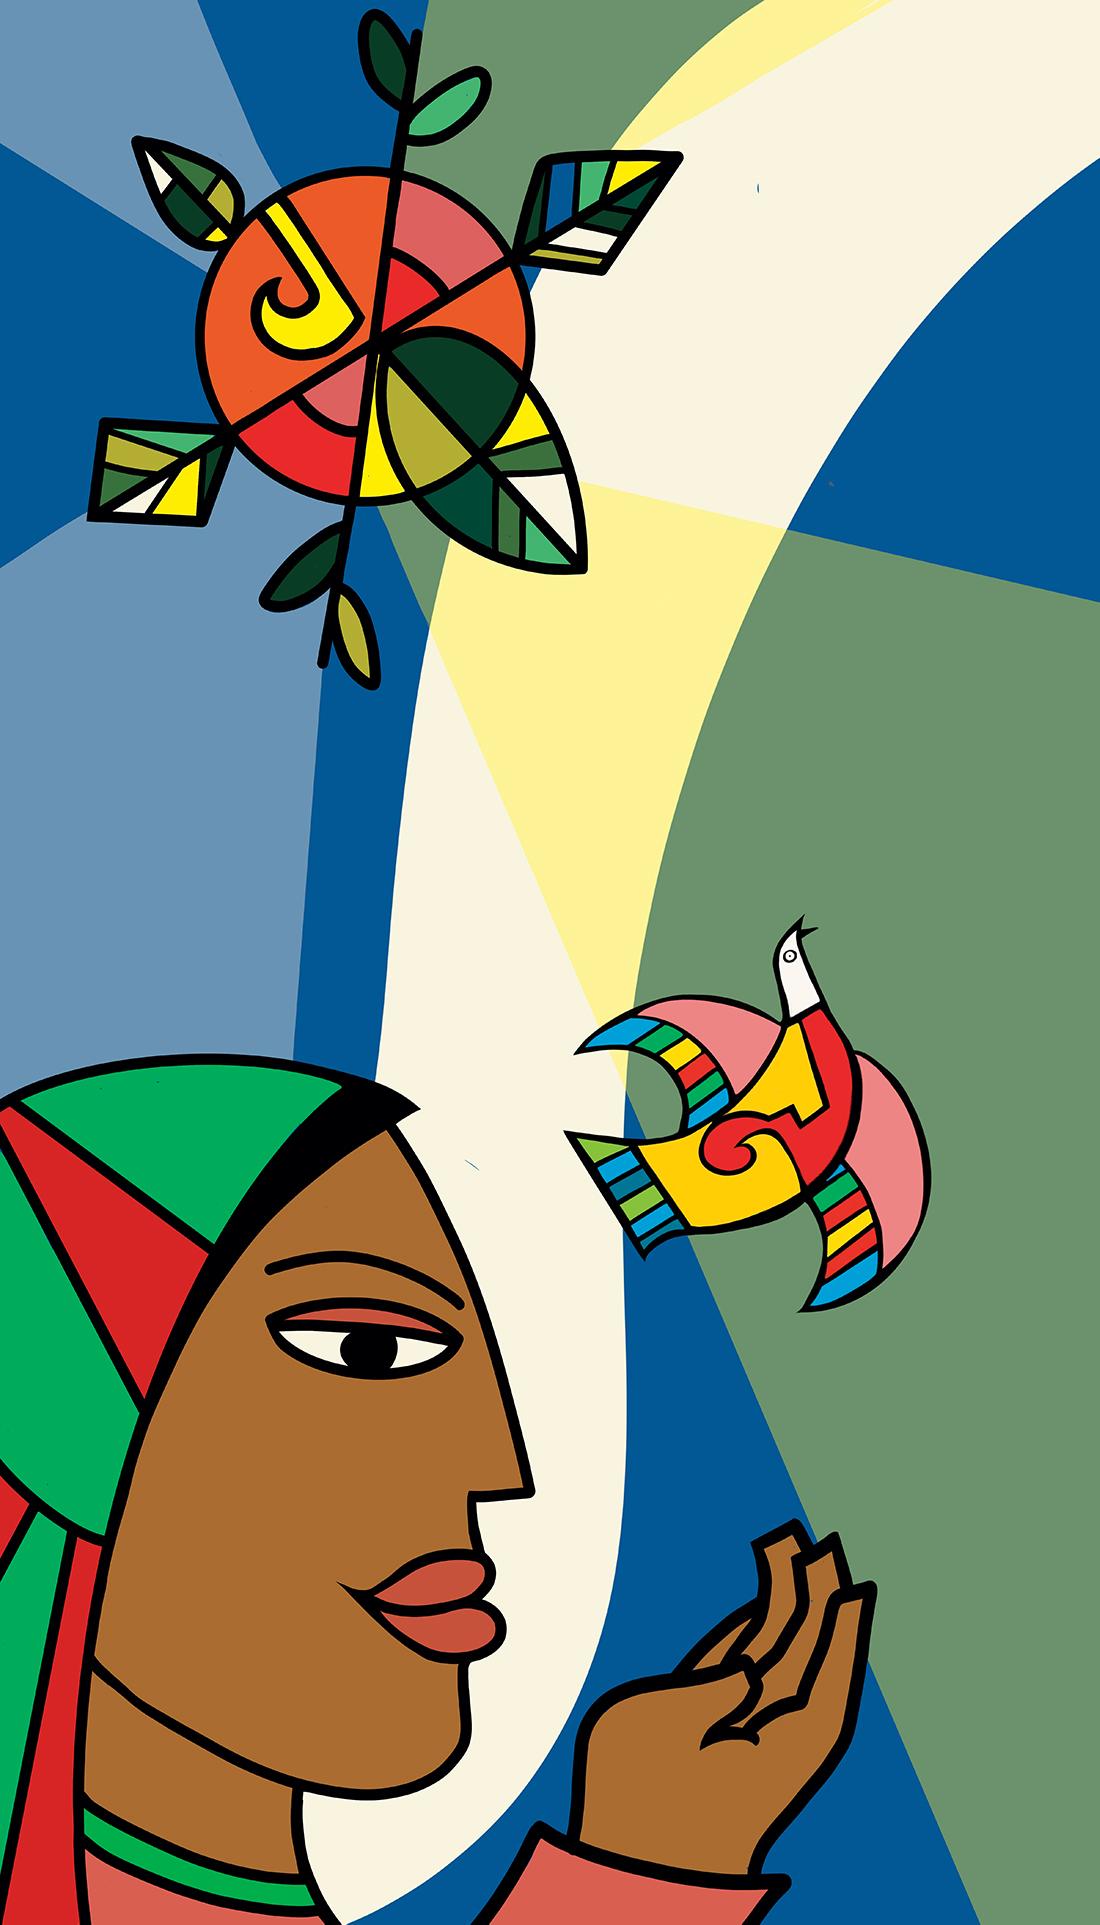 Consagrar, by Patricia Hernandez.